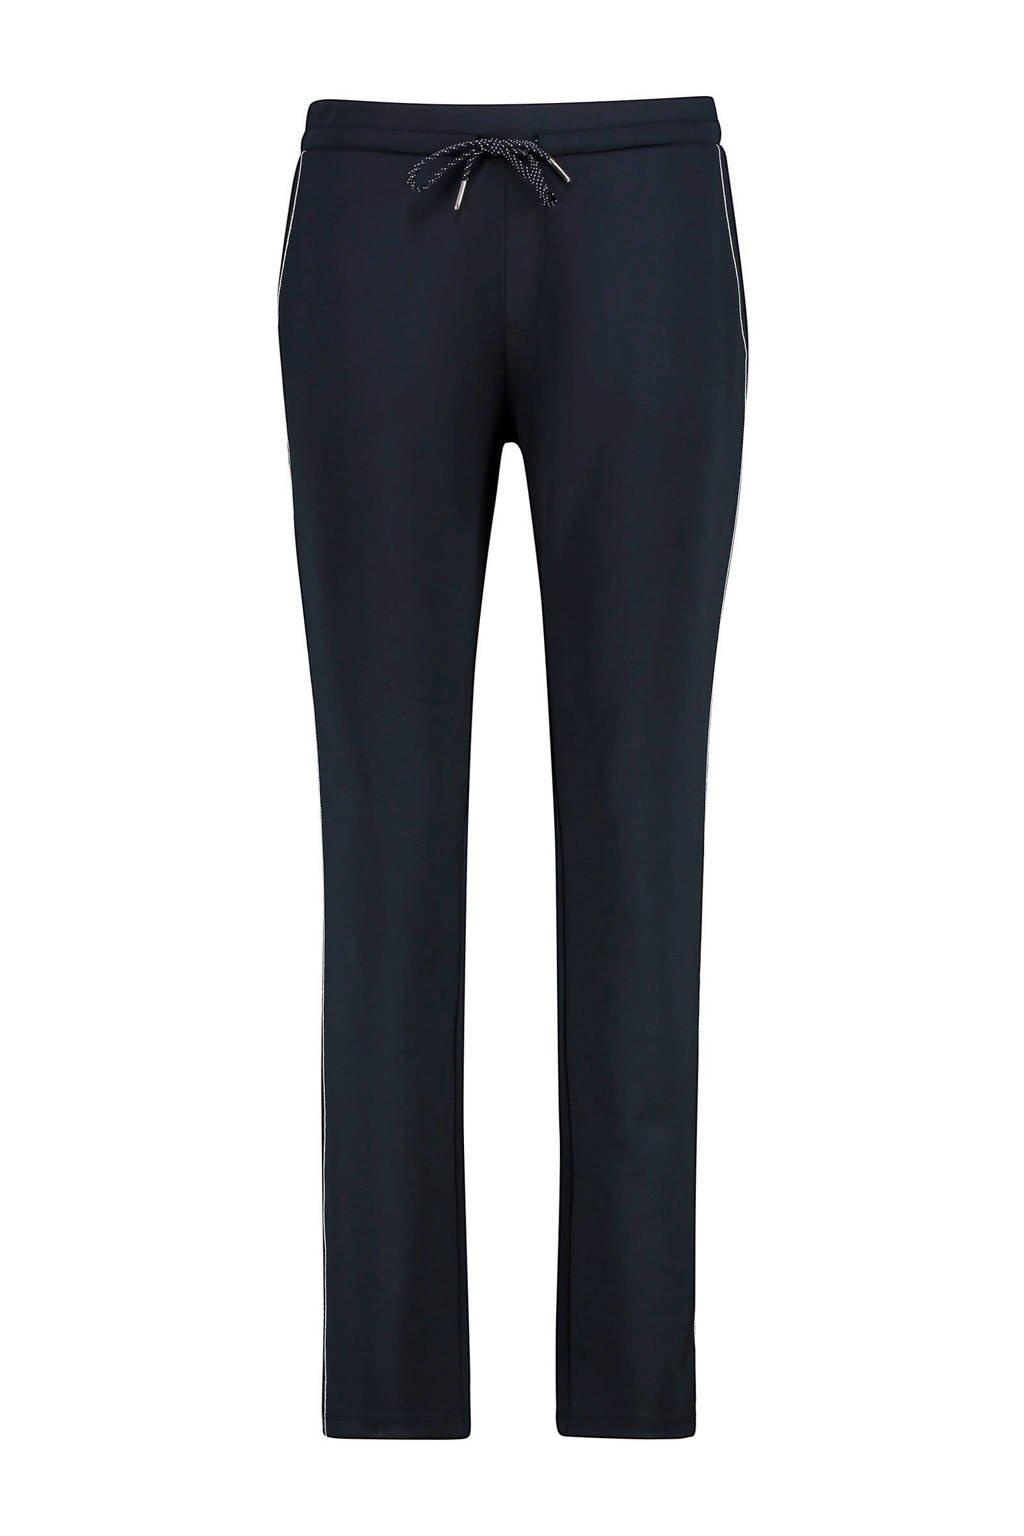 Expresso slim fit broek met zijstreep donkerblauw, Donkerblauw